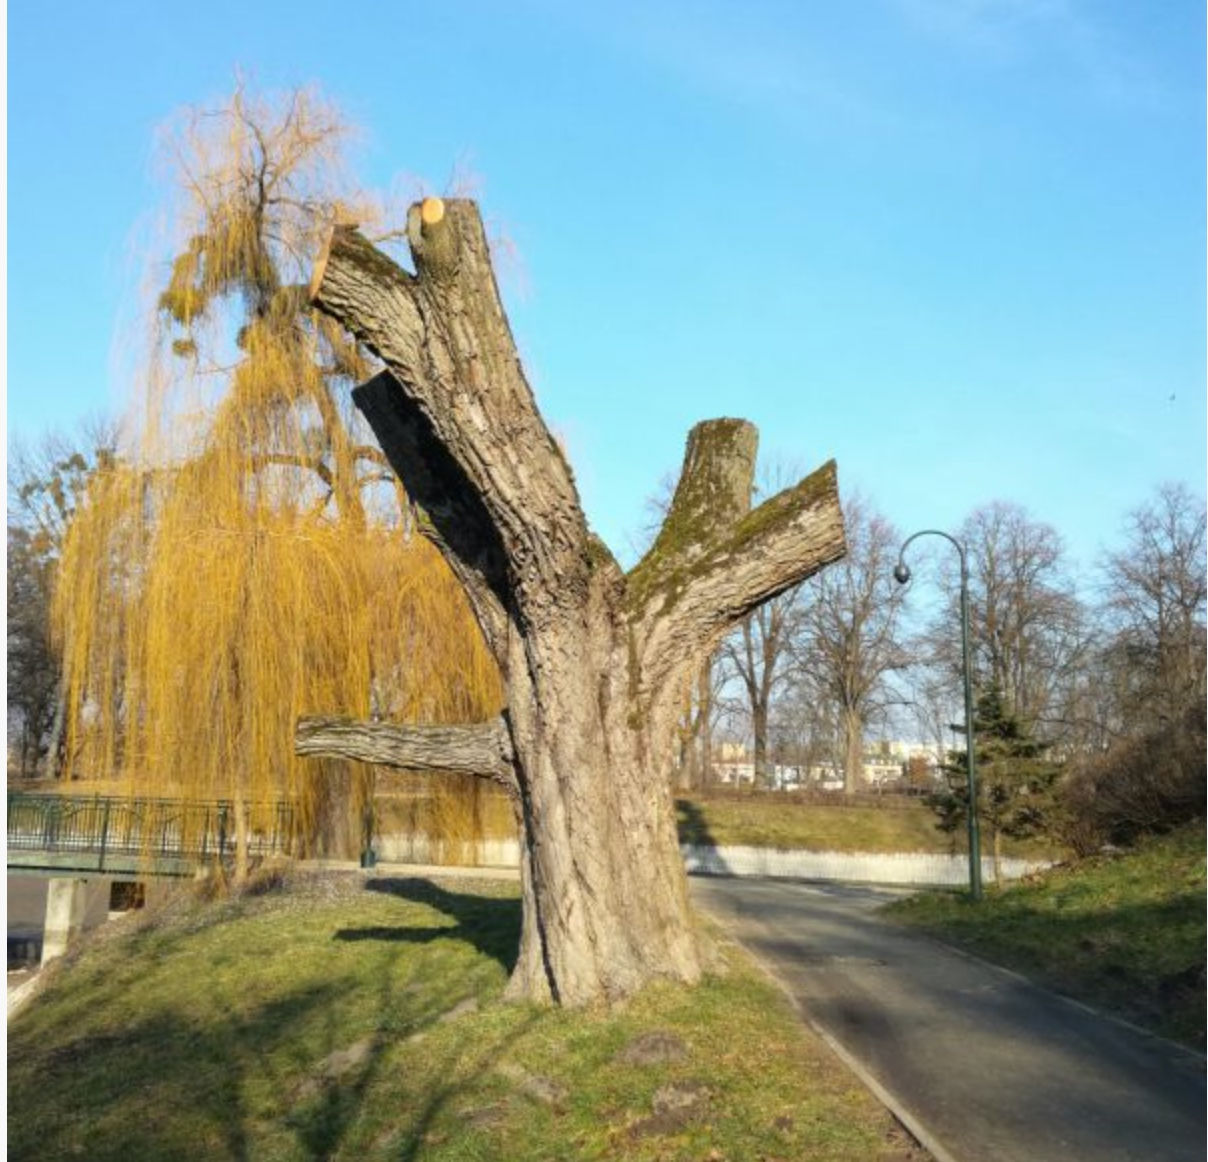 zrzut ekranu 2020 01 16 o 11 55 03 Zamość: W pniu drzewa powstanie czytelnia. Jak Wam się podoba pomysł?